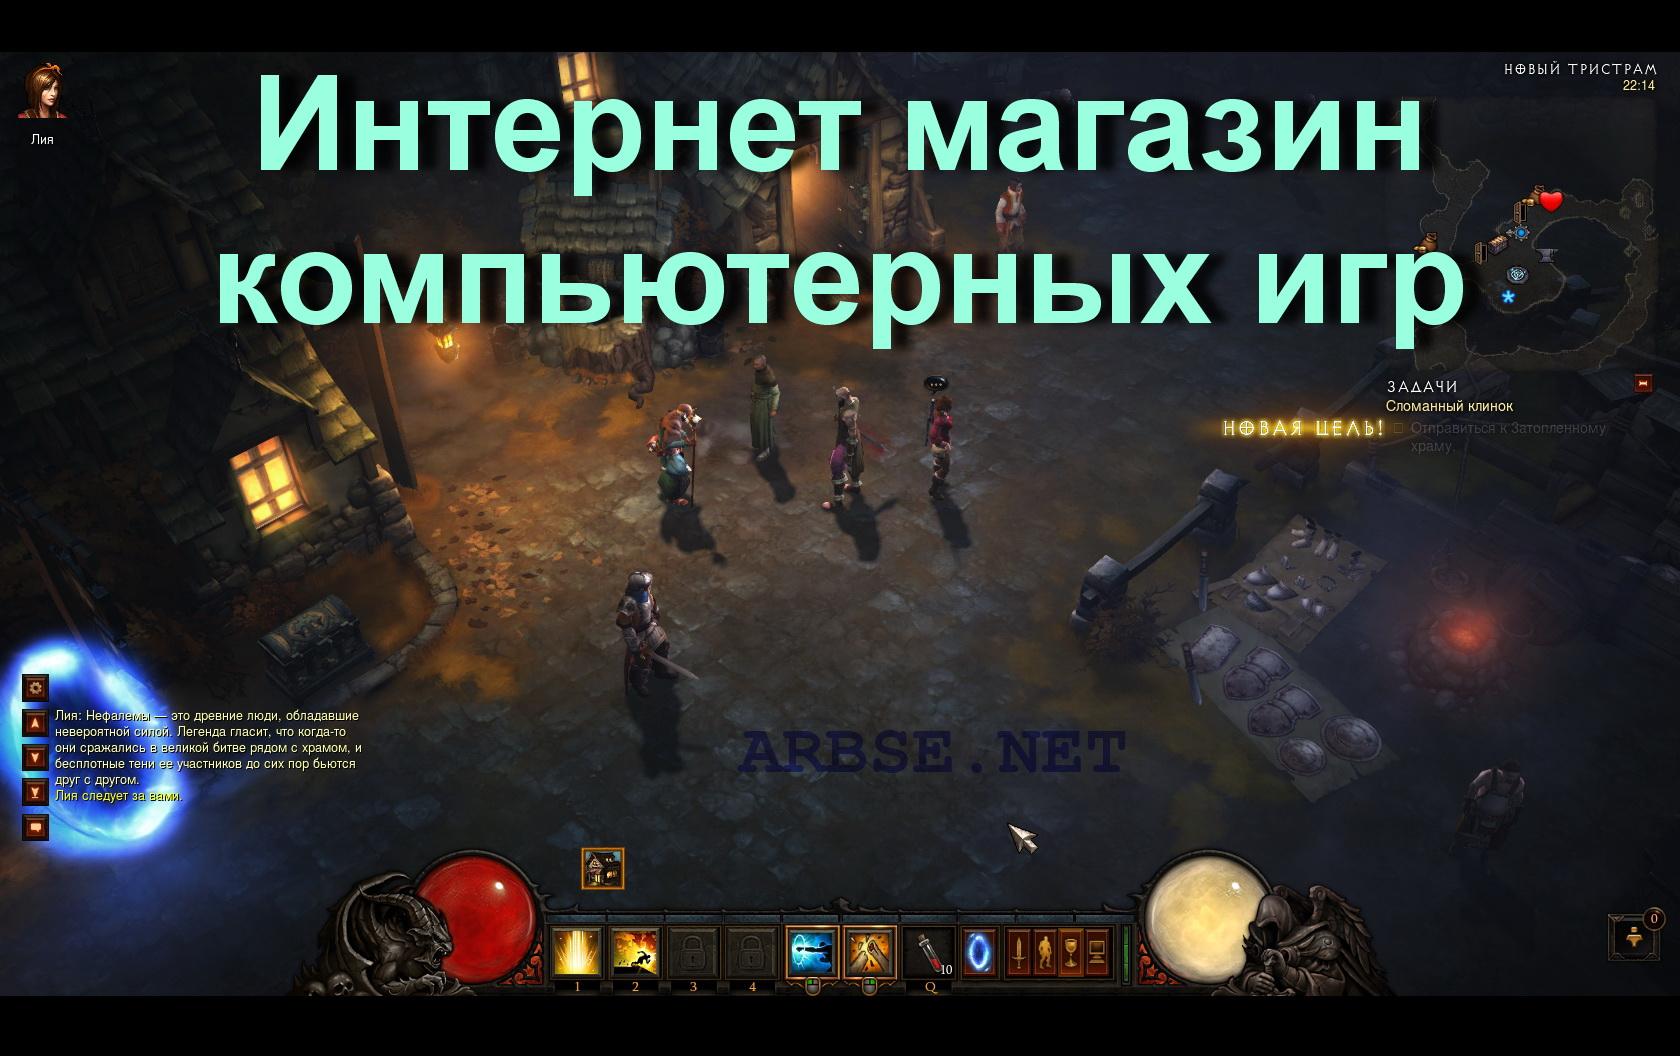 онлайн магазин игр на пк